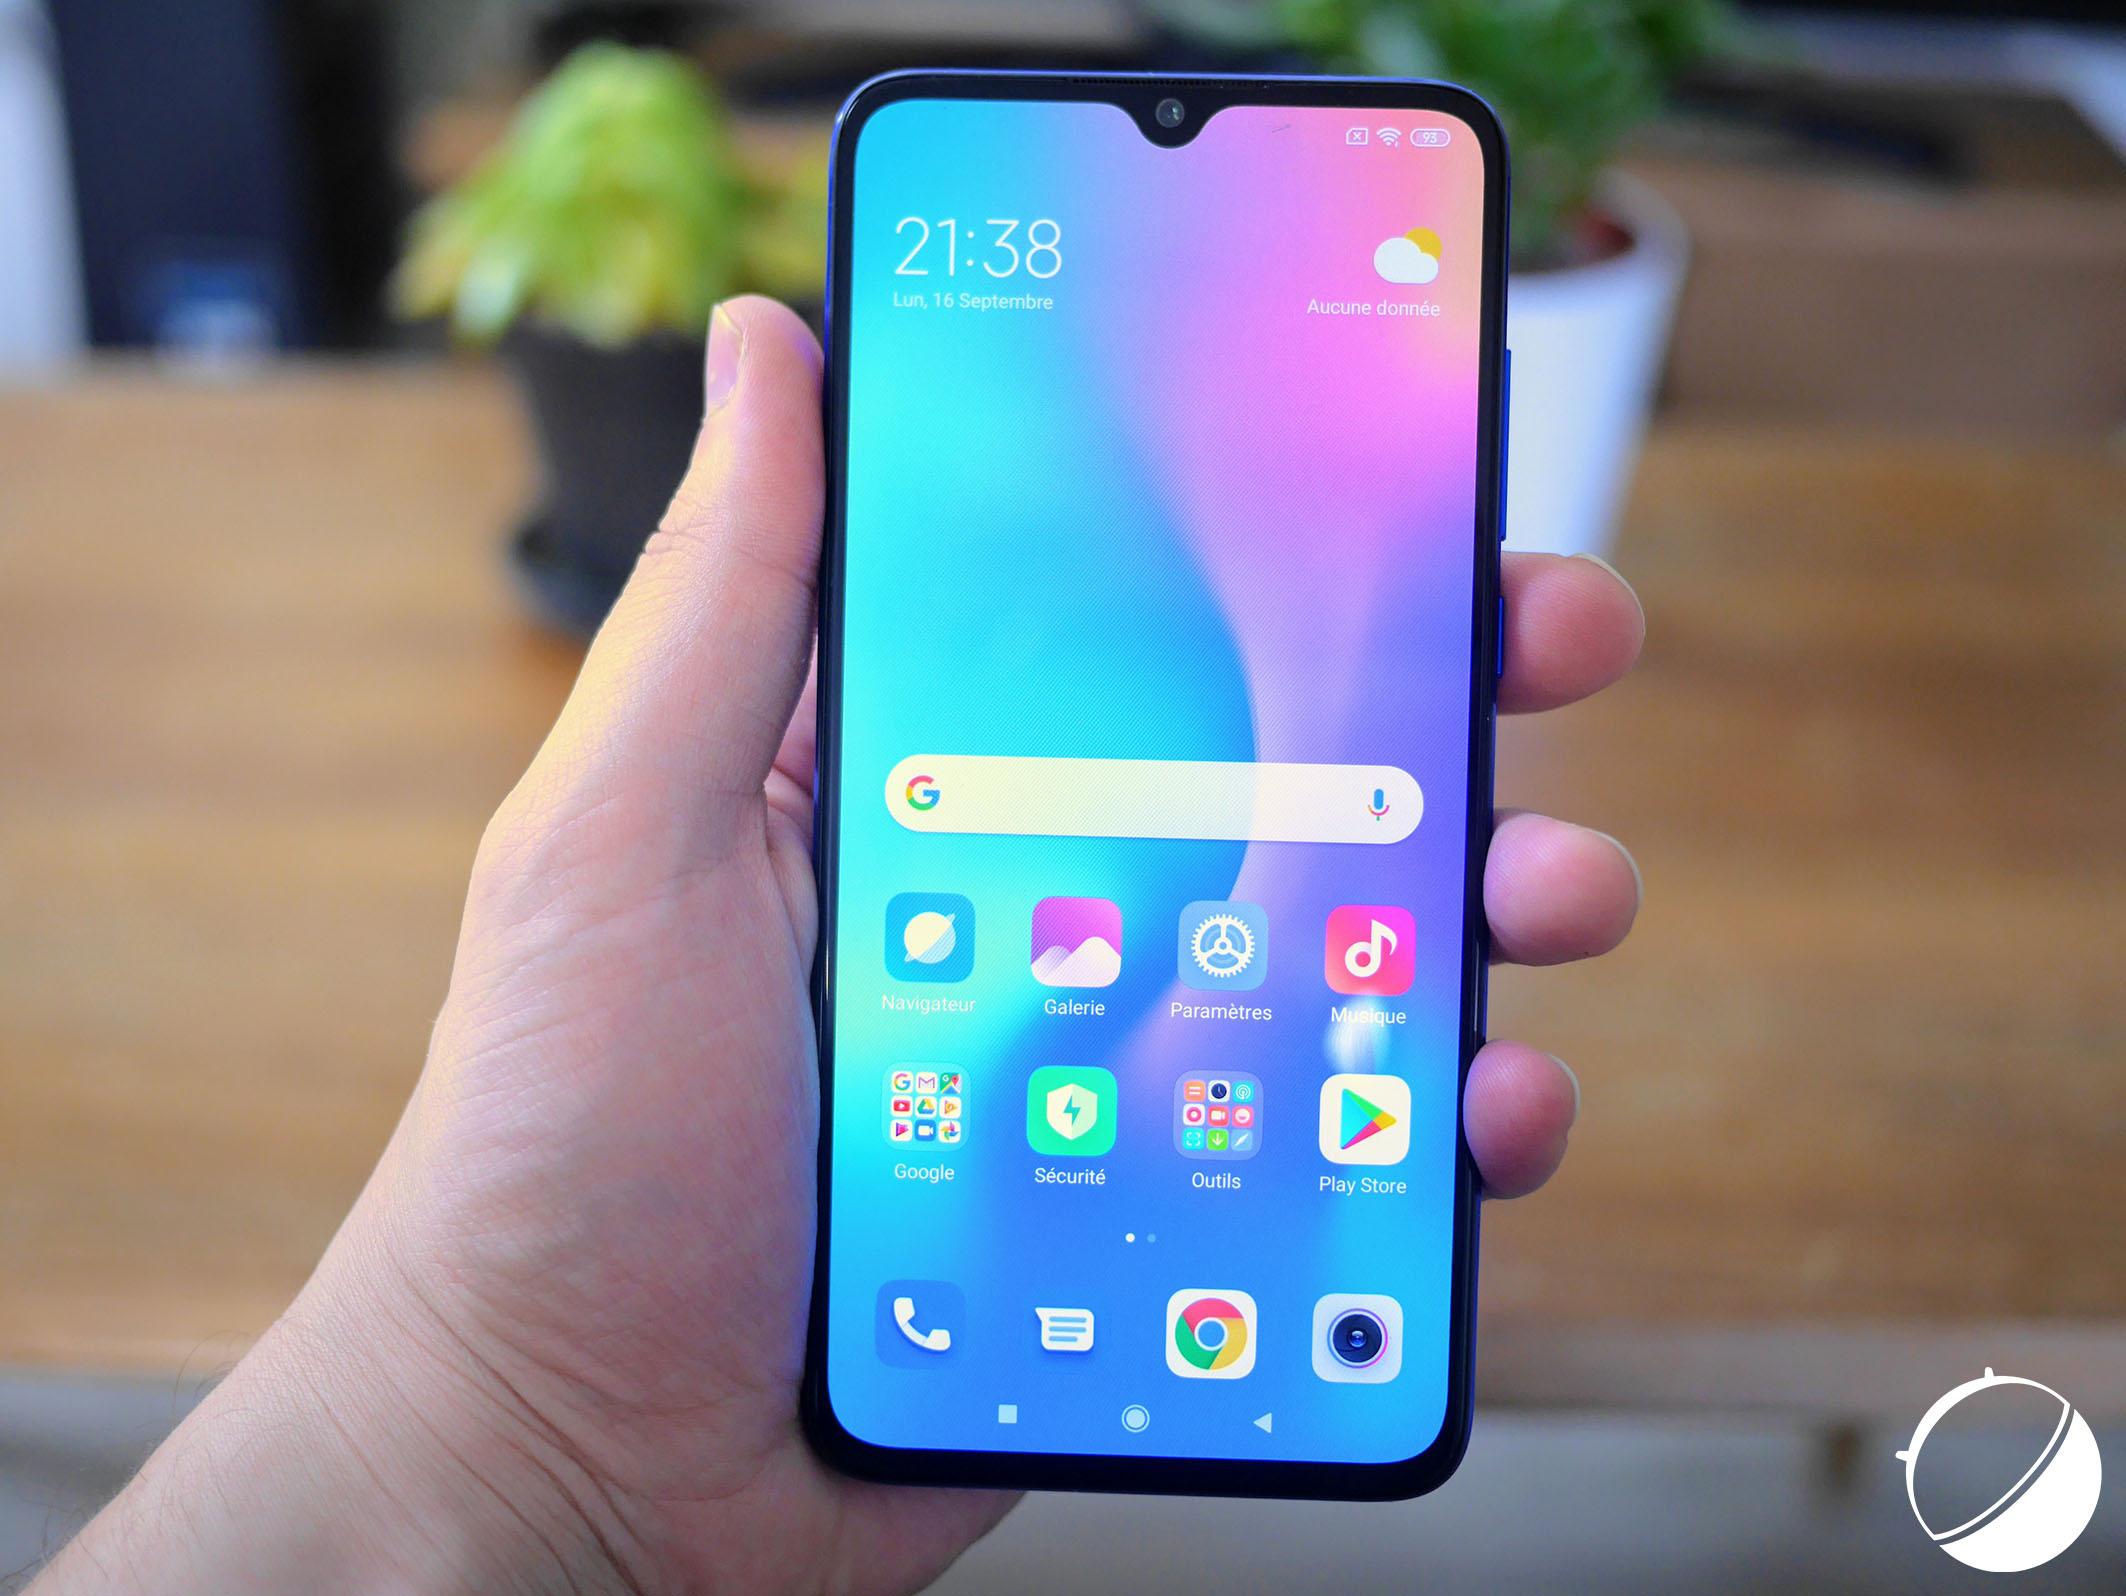 Nouveaux leaks de Huawei Mate 30, Xiaomi Mi 9 Lite annoncé en France et meilleur débit chez Free Mobile – Tech'spresso